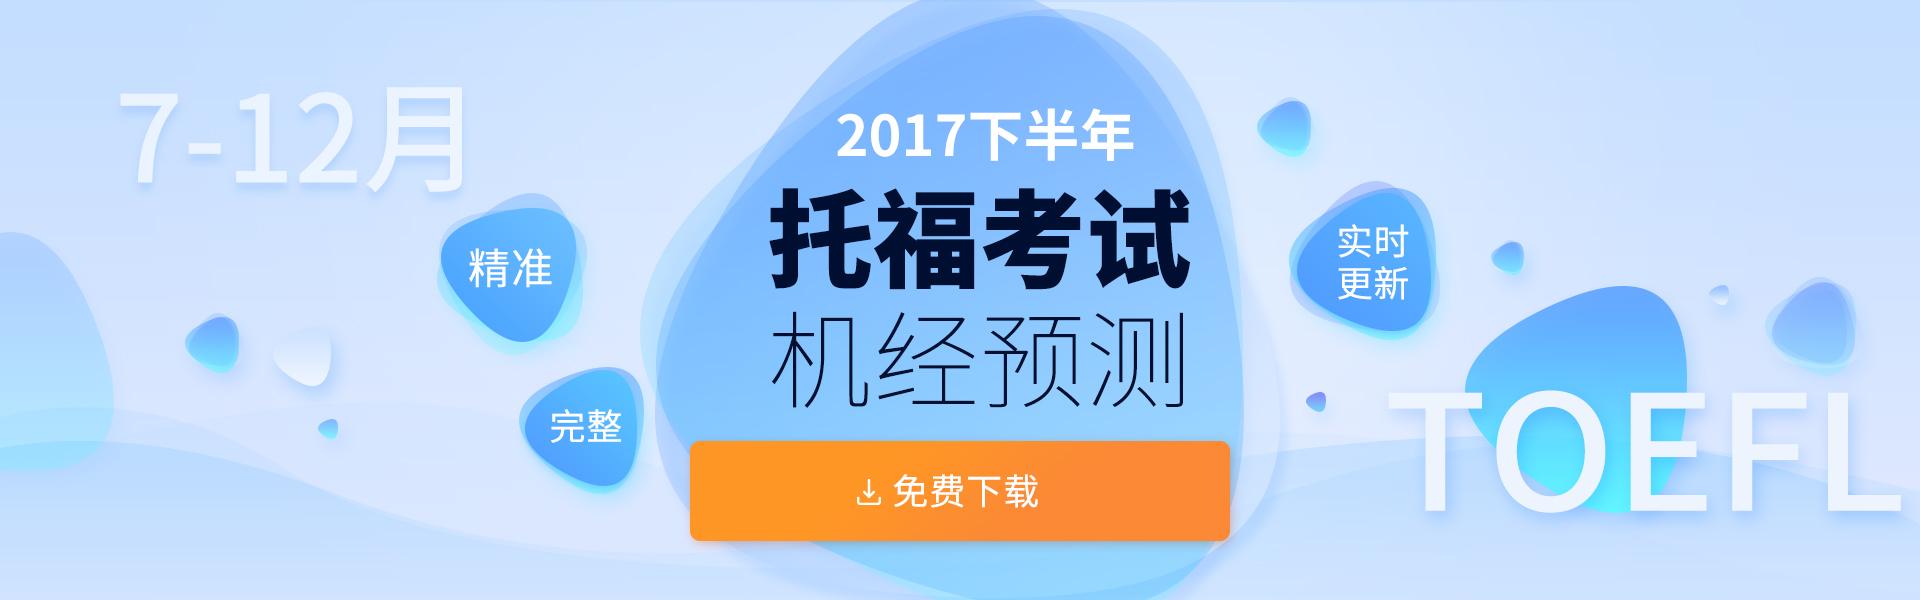 2017托福机经